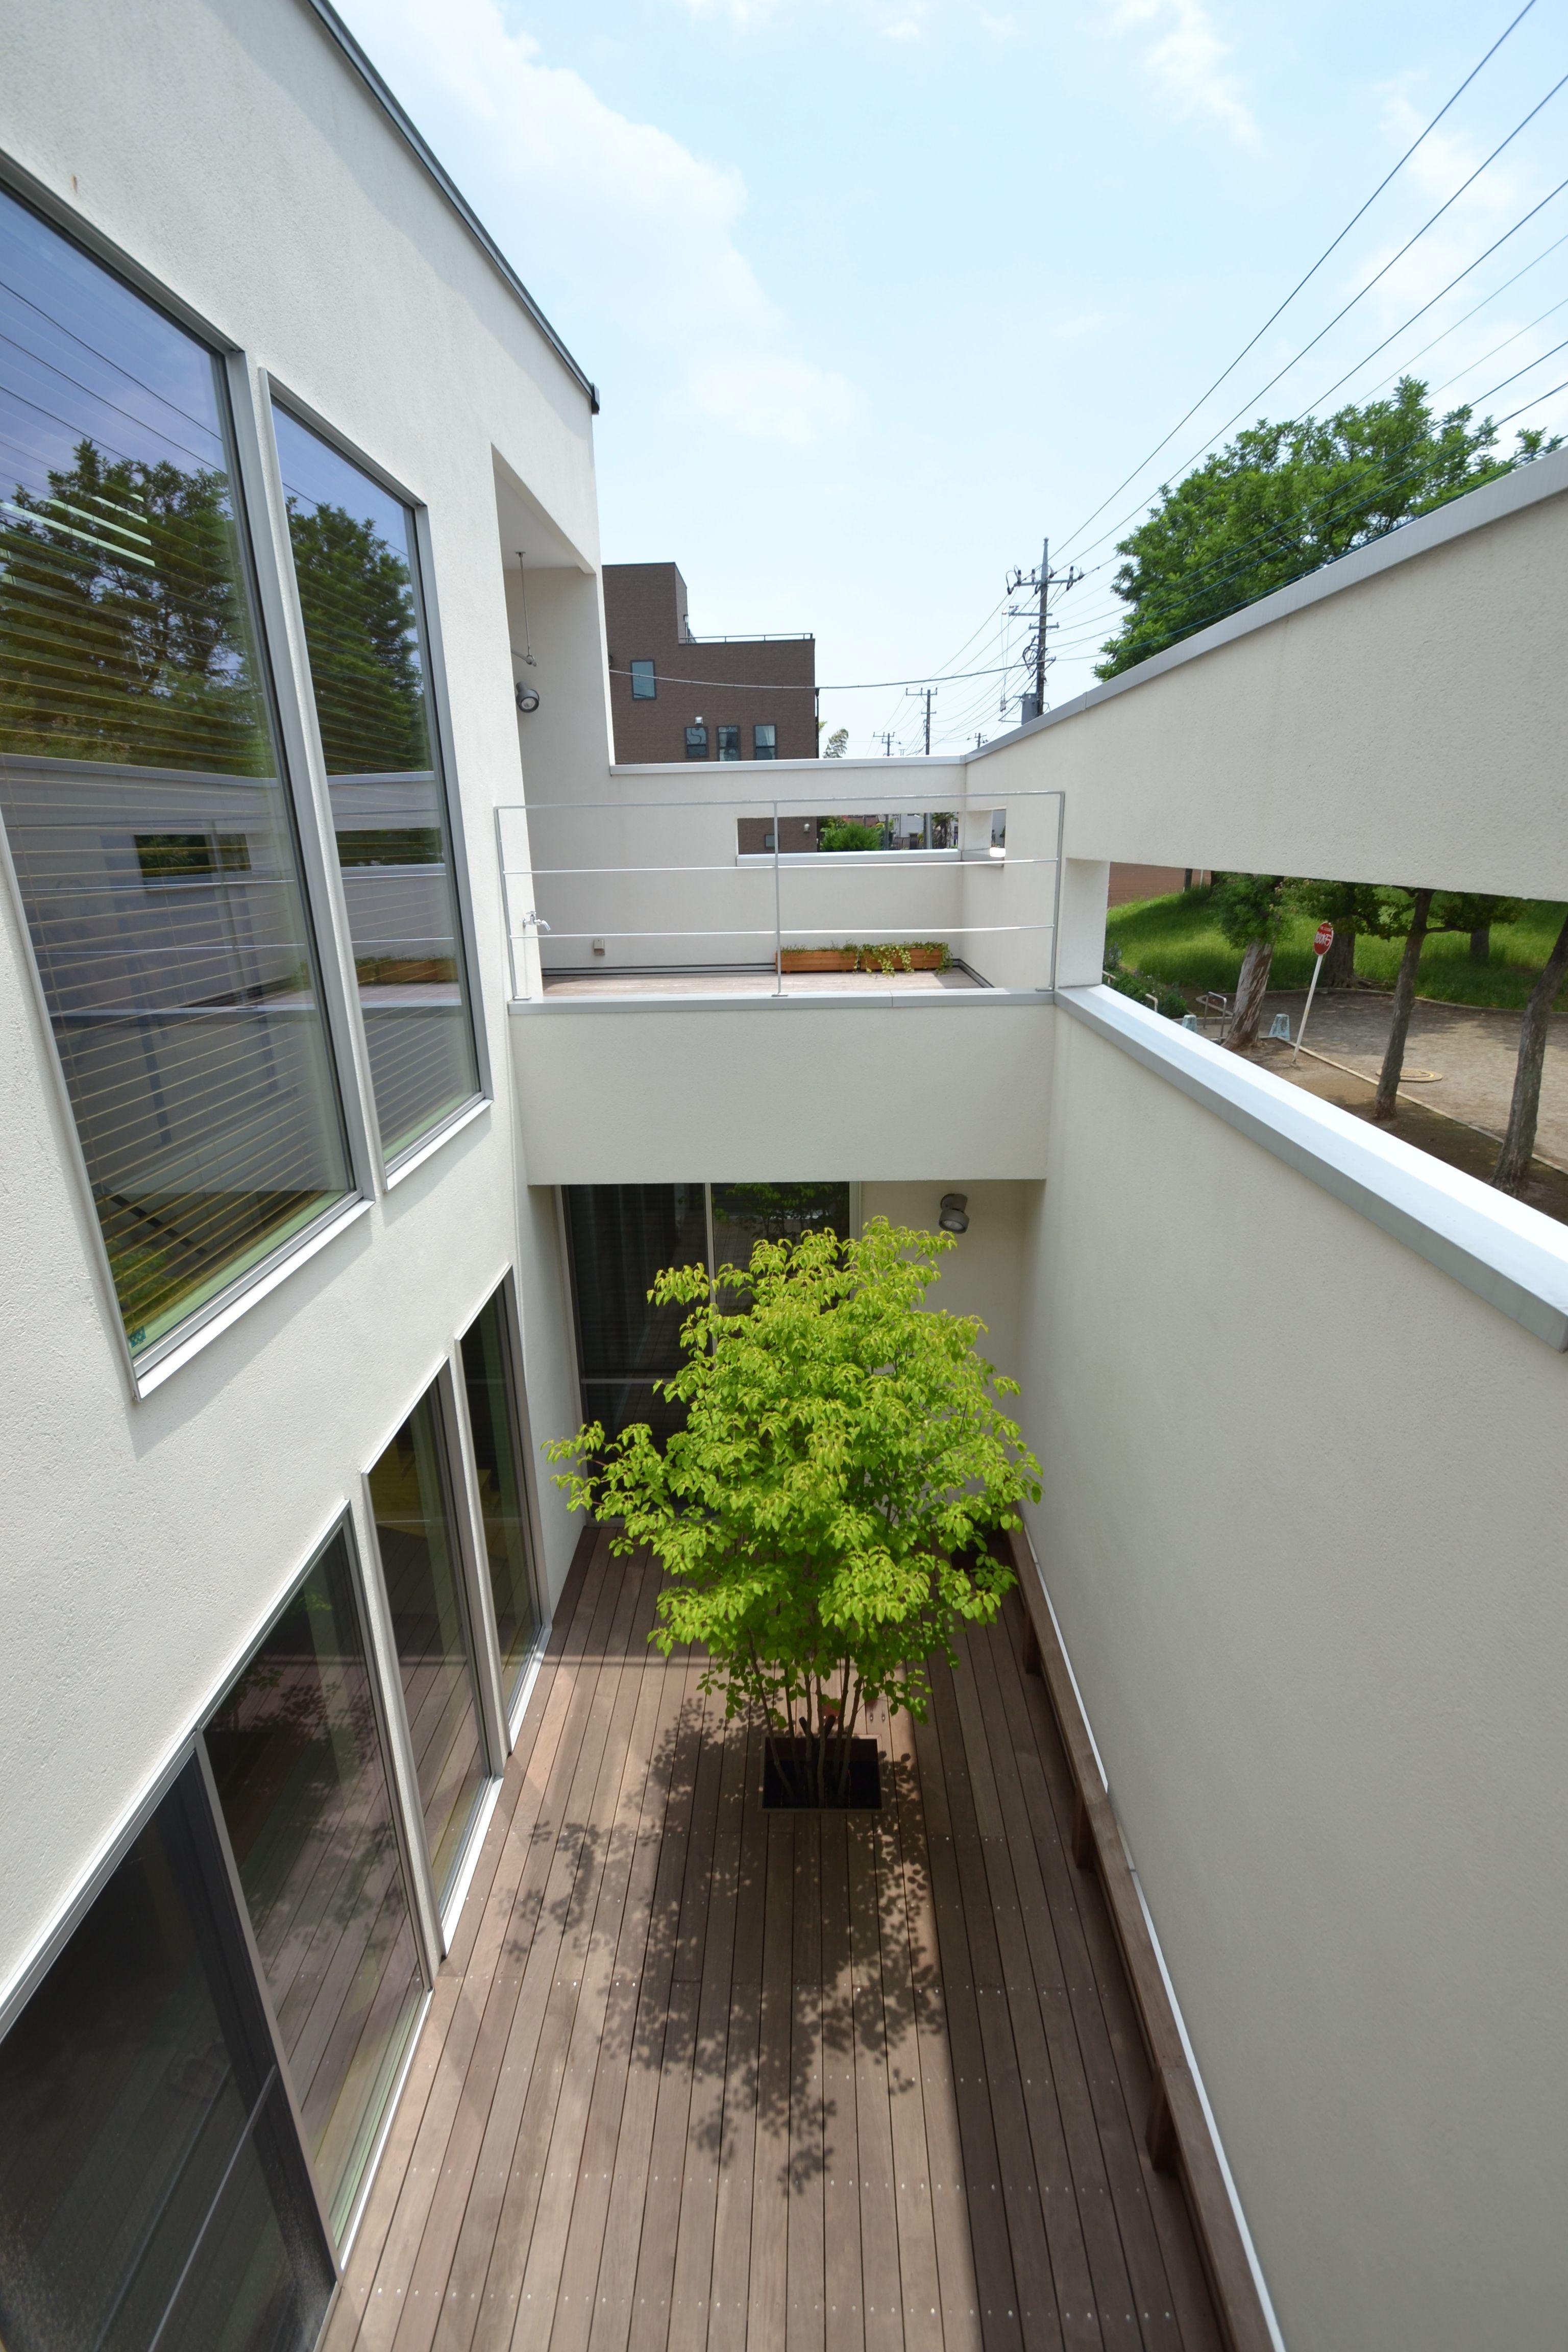 庭院 水 おしゃれまとめの人気アイデア Pinterest Yang Cc 画像